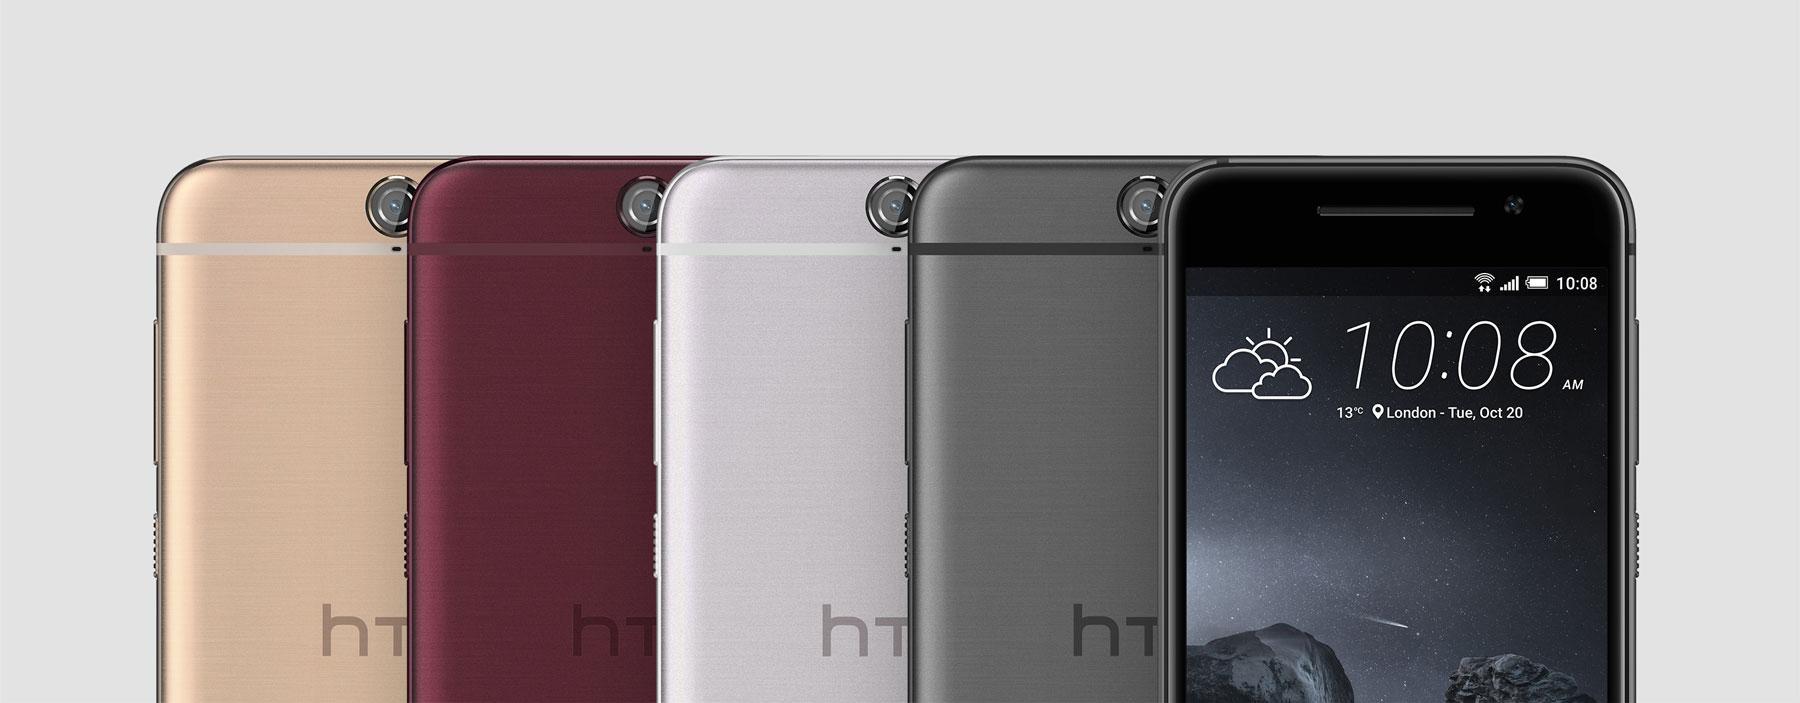 HTC One A9 en negro, gris, blanco y rojo